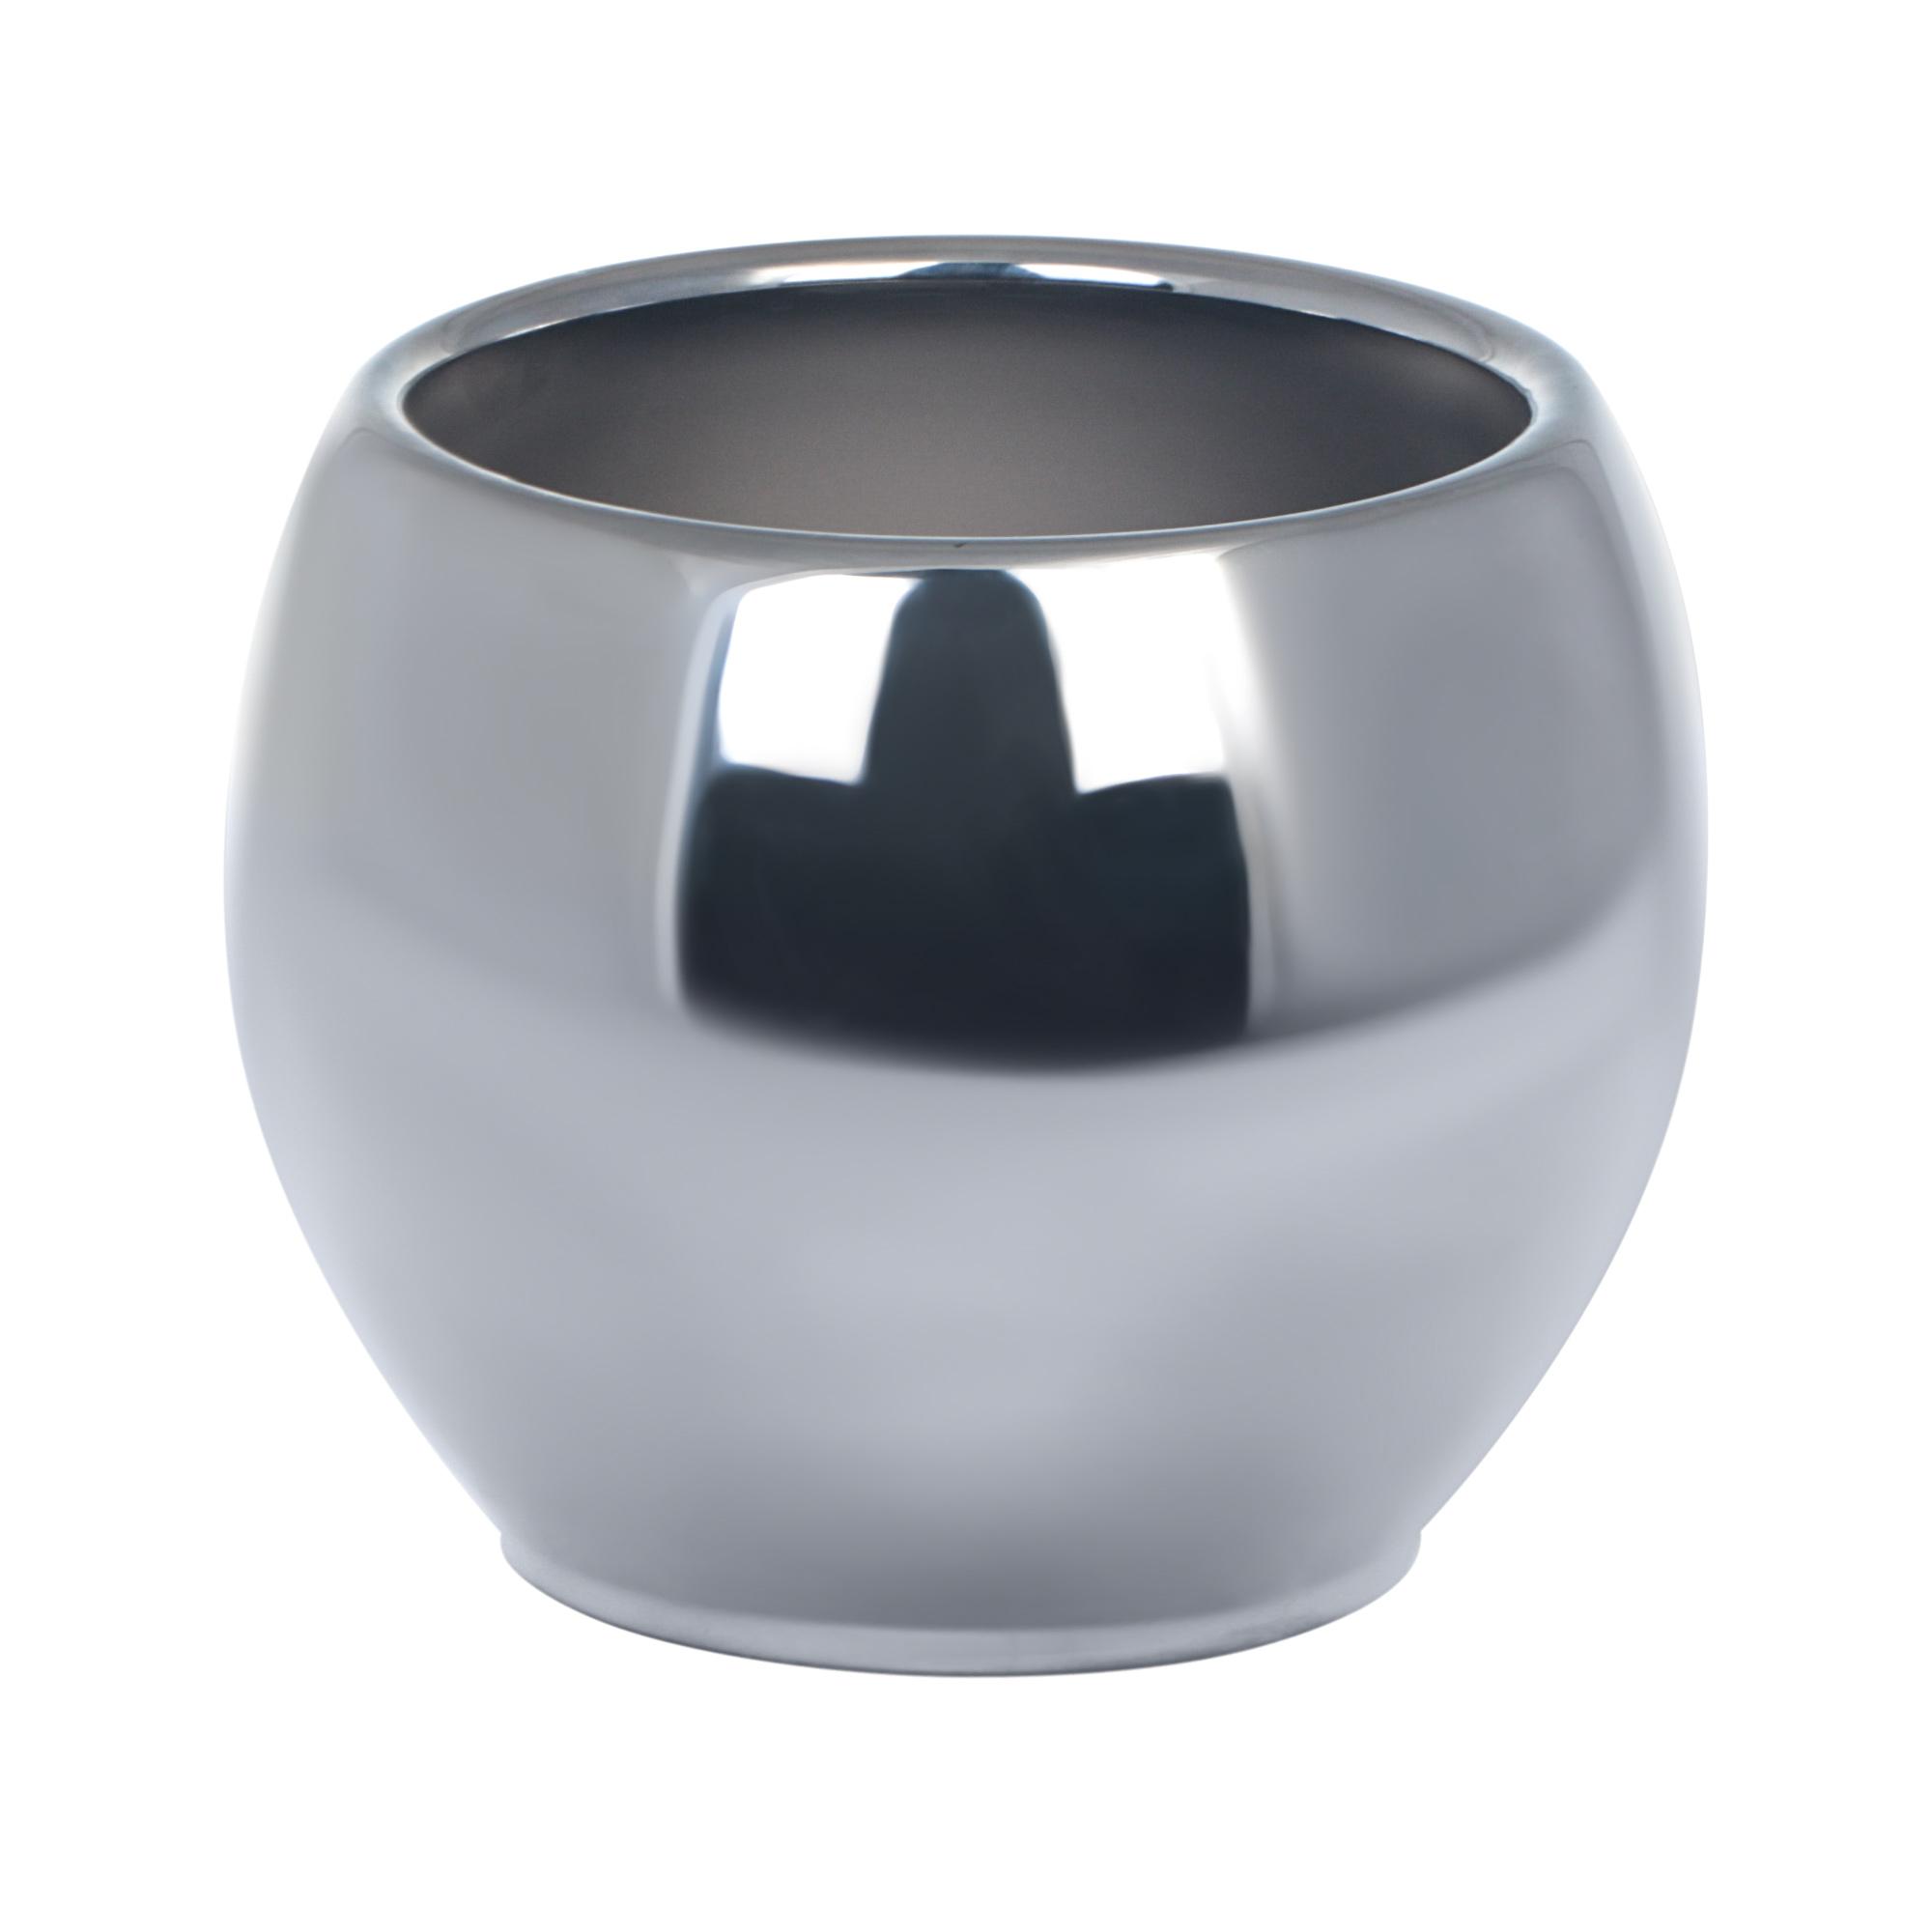 Купить Кашпо Soendgen alberta metallic d15 серебристое, кашпо, Китай, глина натуральная